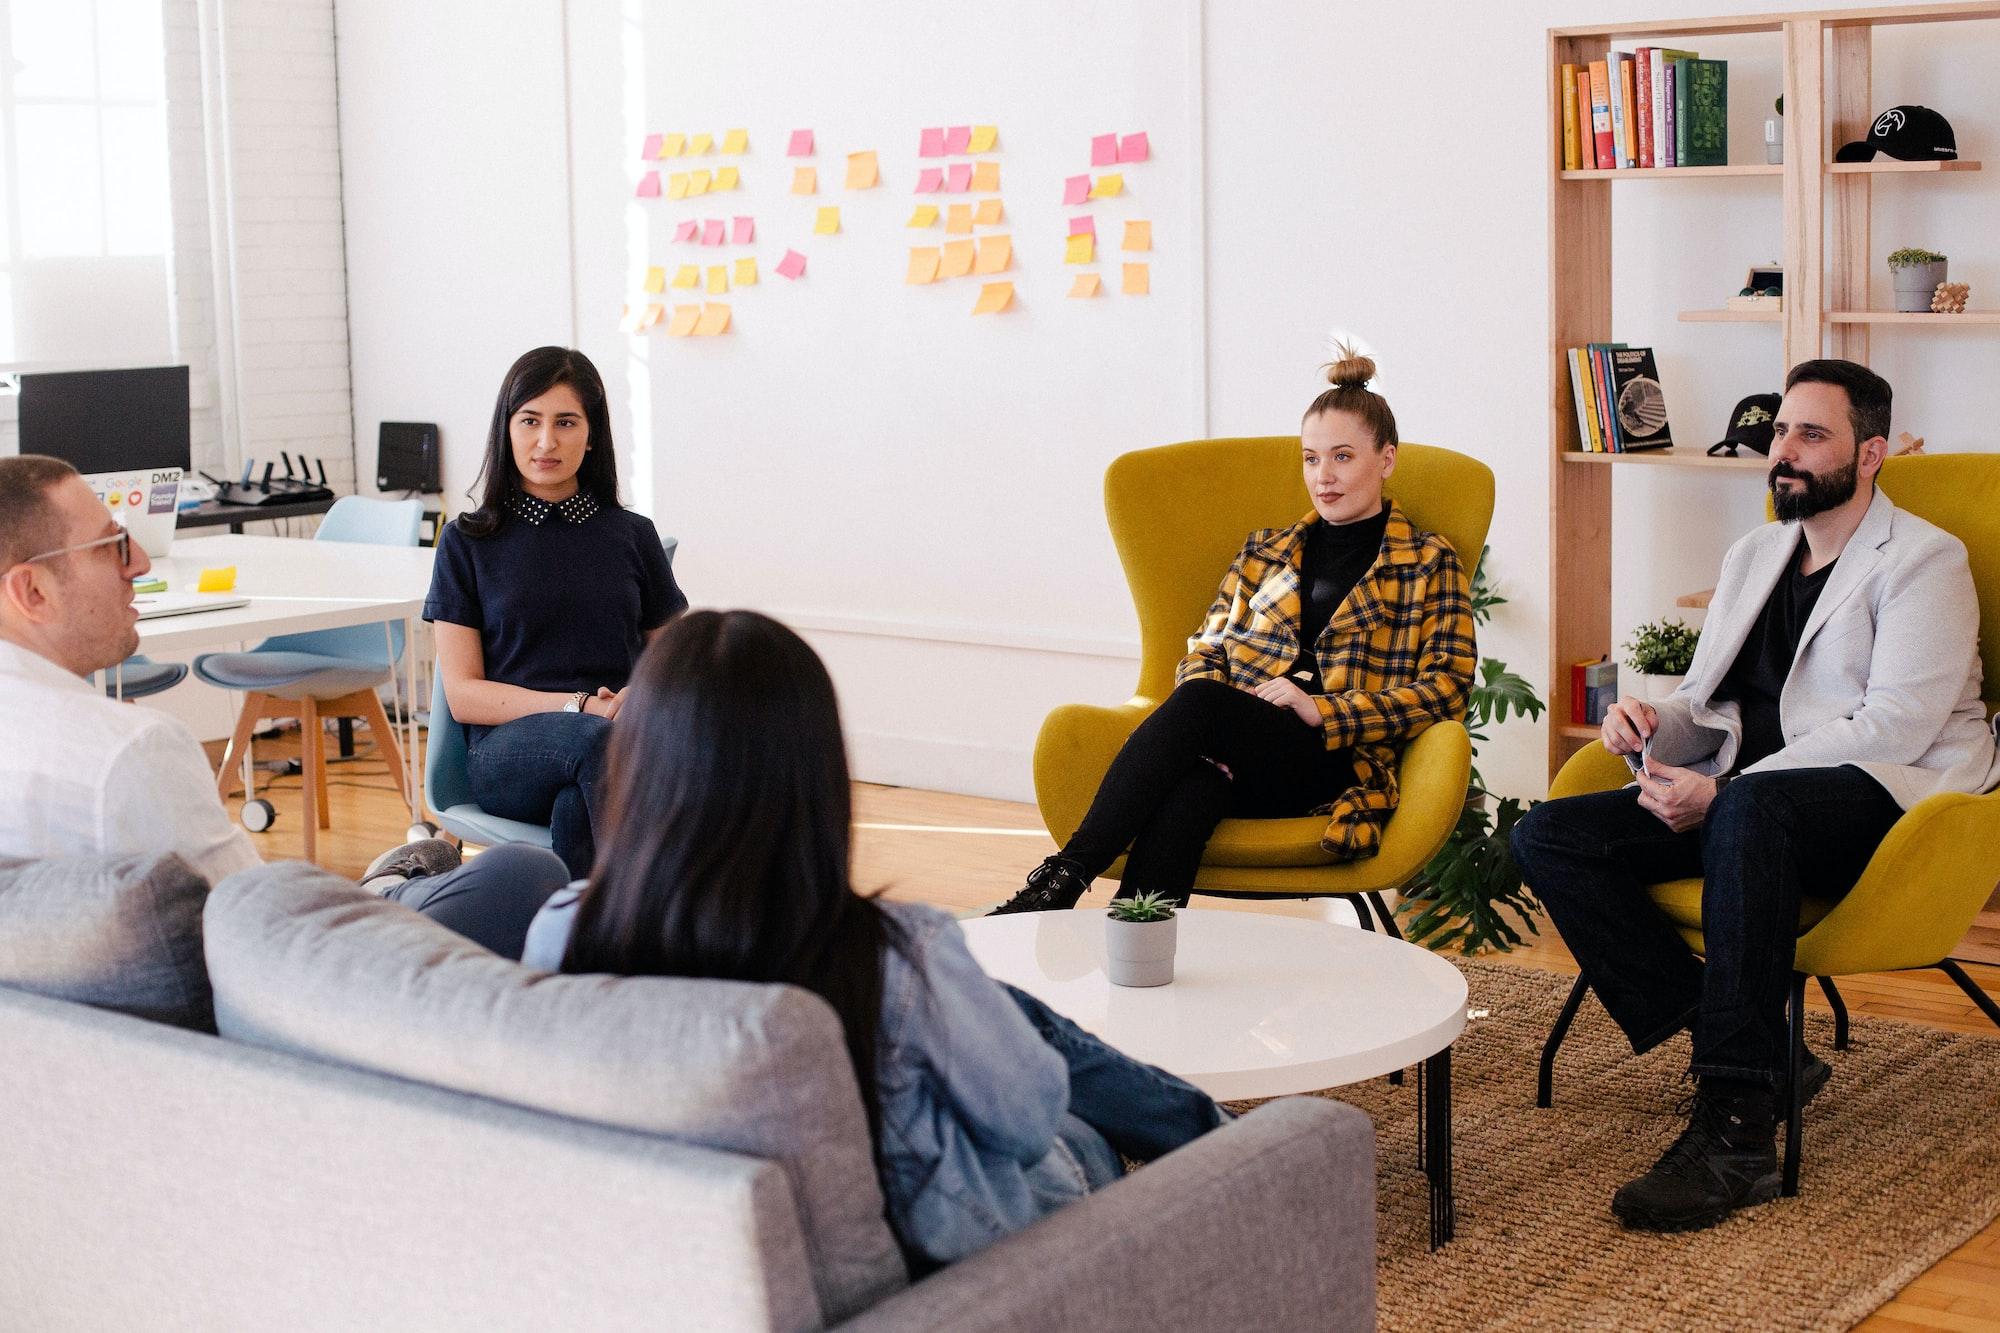 6 Möglichkeiten wie dein Meeting BESSER wird...